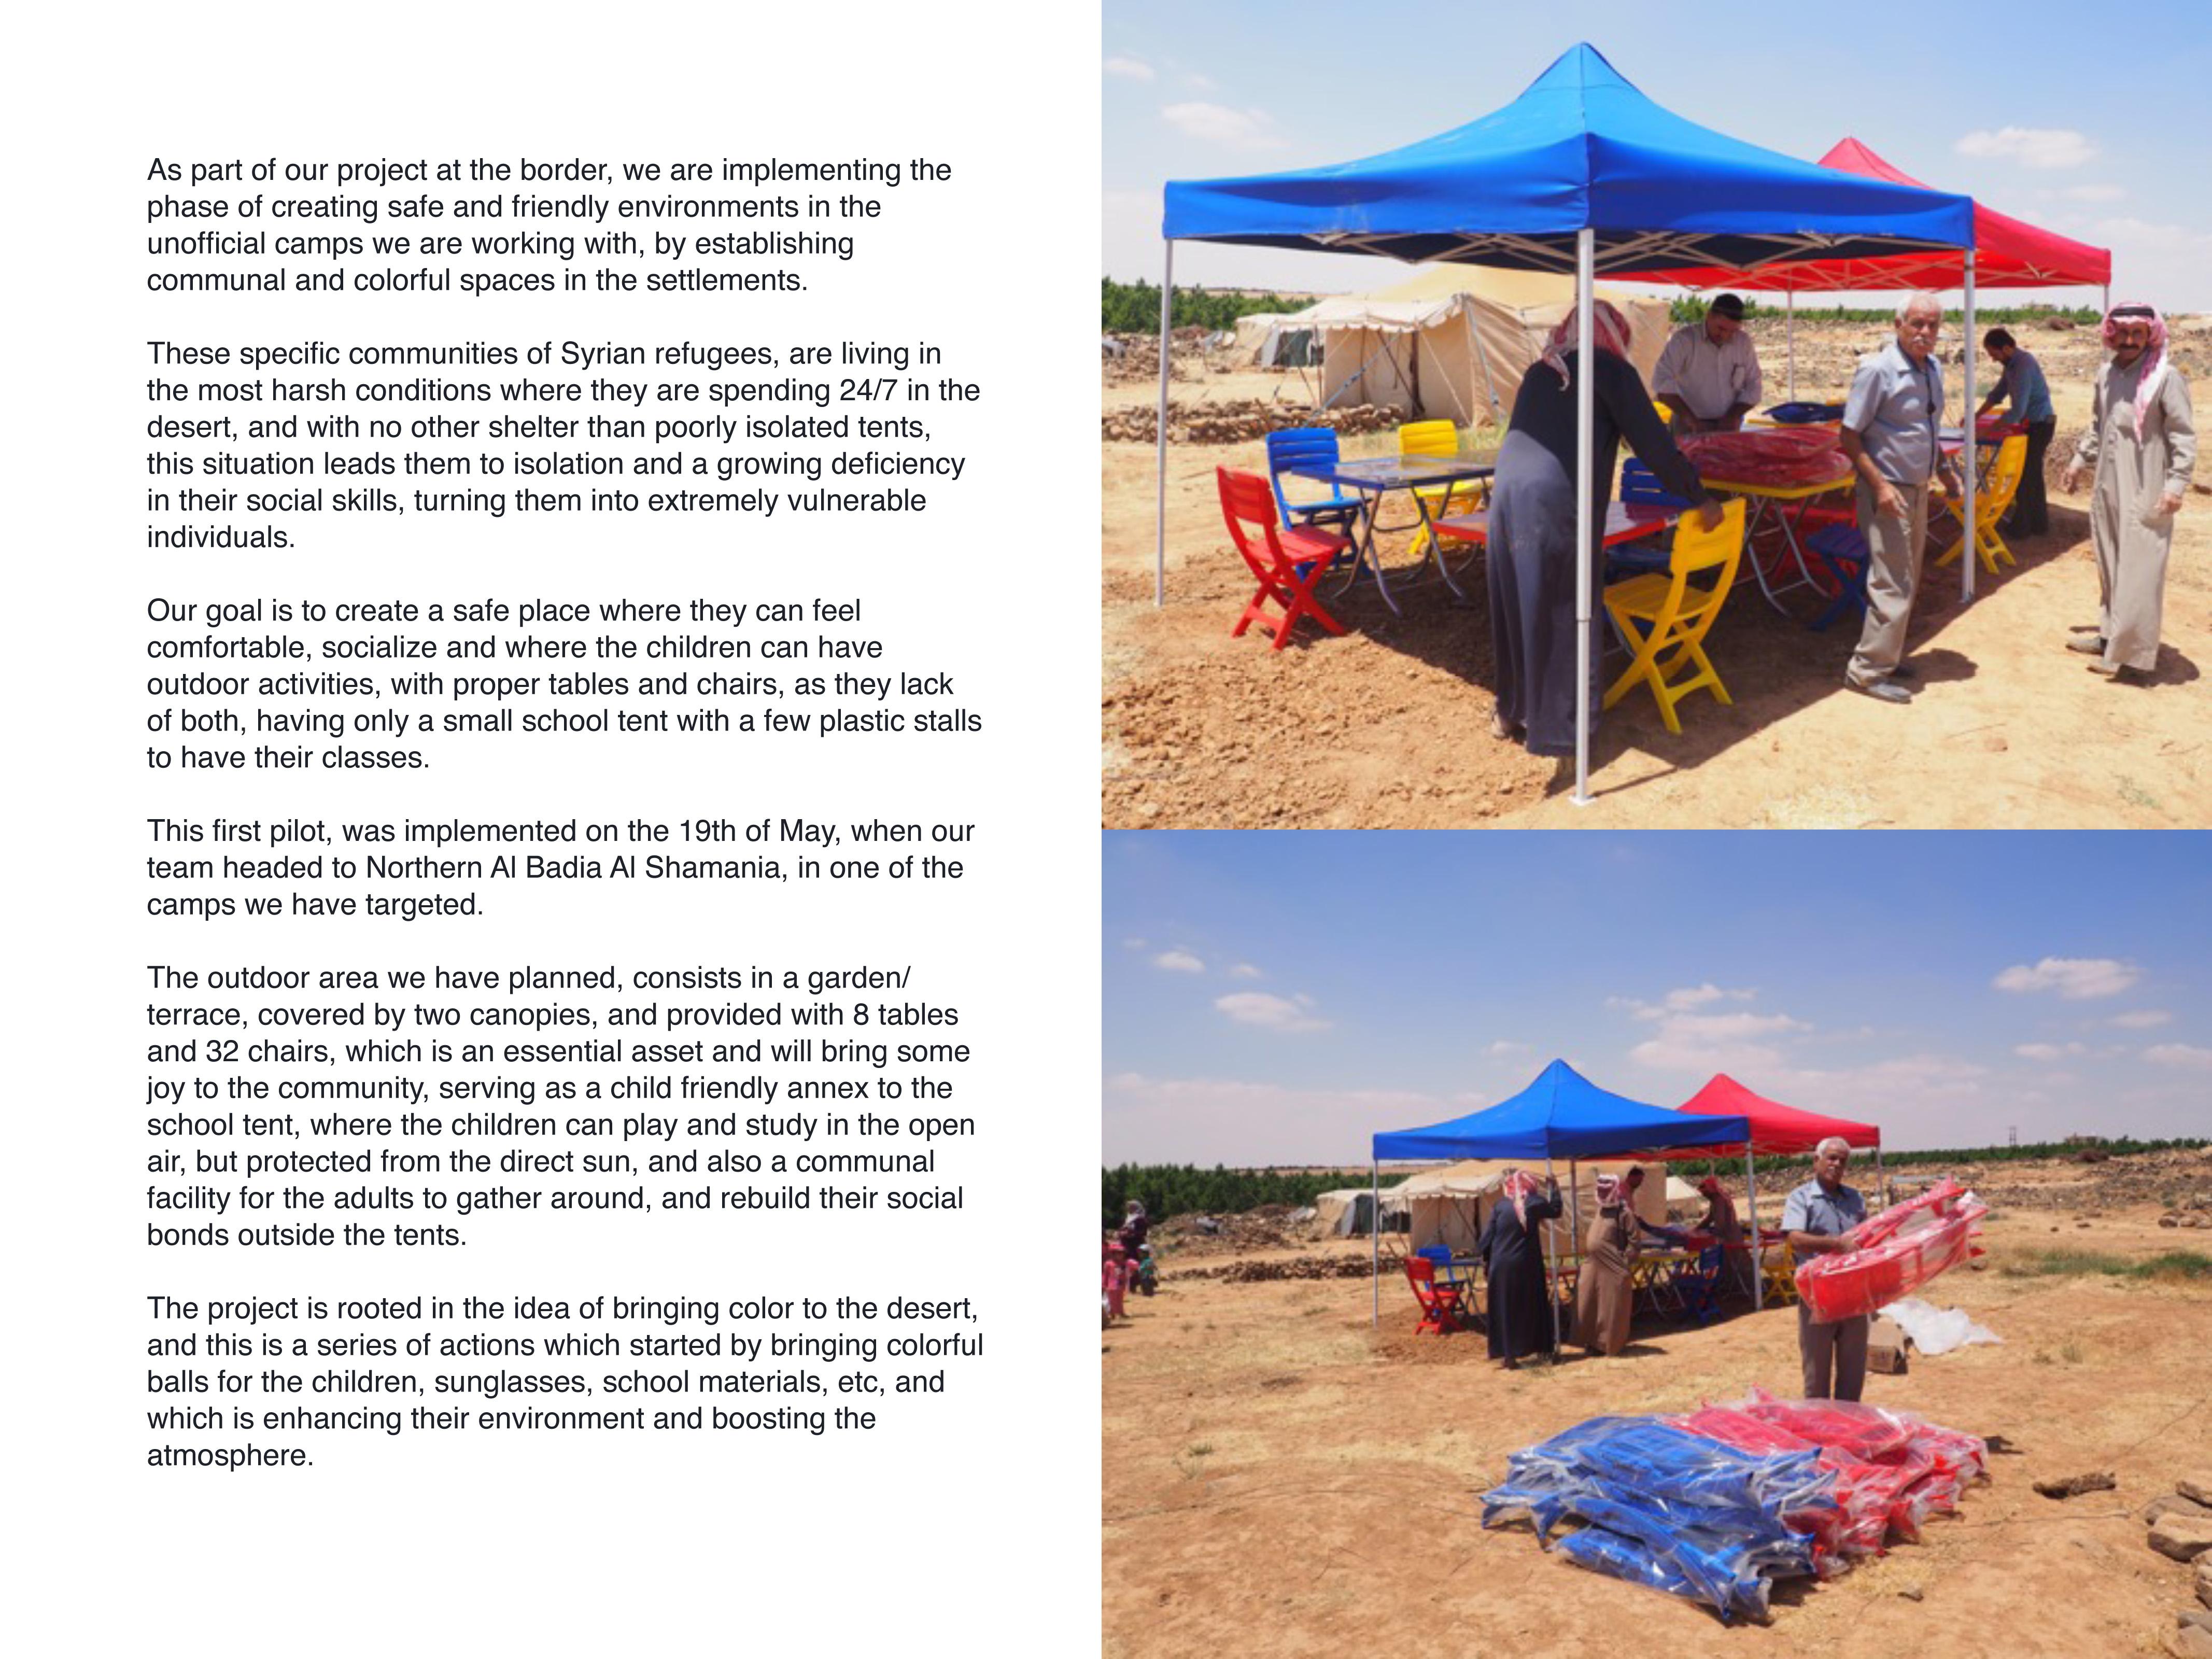 Friendly_spaces_in_the_desert-3.jpg